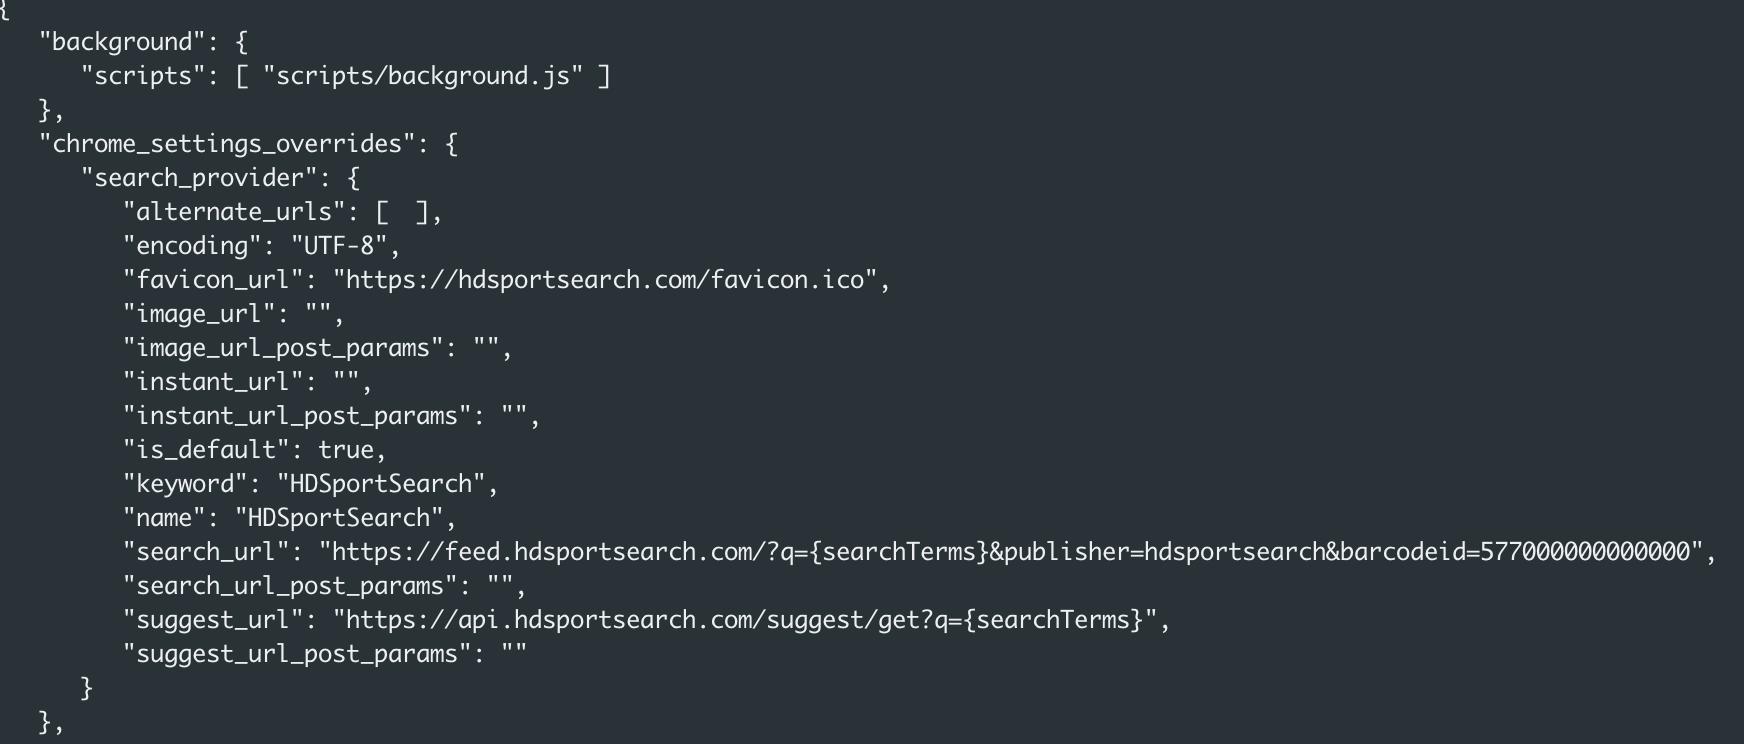 ダウンロードして分析した結果、このHDSportSearchという機能拡張のパッケージにバンドルされているmanifest.jsonファイルは、検索エンジンハイジャッカーであることがわかりました。検索エンジンハイジャッカーは、ブラウザの検索エンジンのデフォルト値をオーバーライドします。